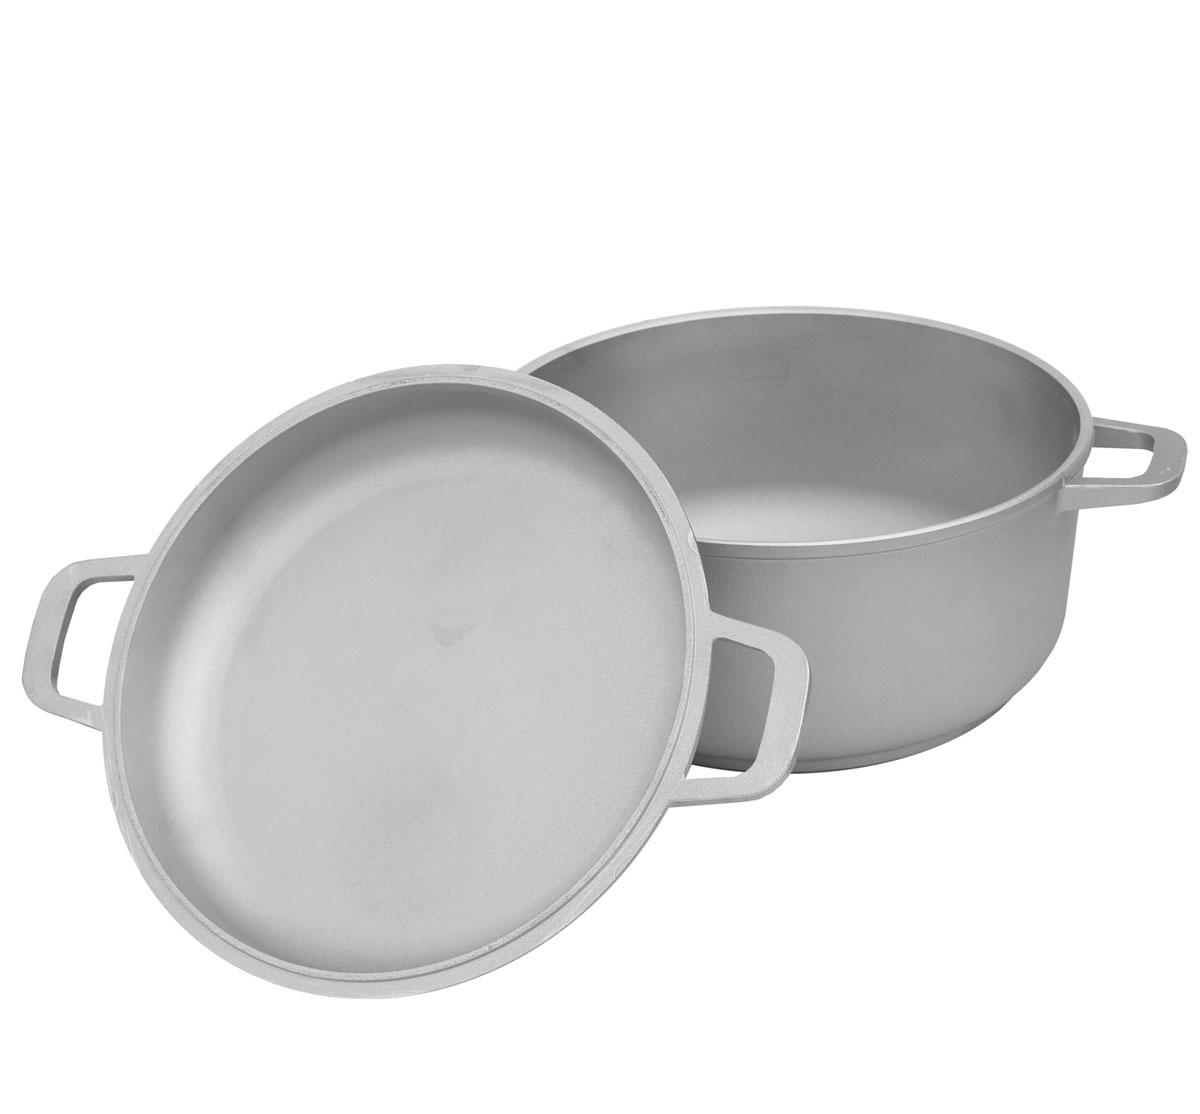 Кастрюля Биол с крышкой-сковородой, 7 л. К702 кастрюли биол набор посуды 260 3 кастрюля 5 л и сковорода 26 см со стекл крышкой биол